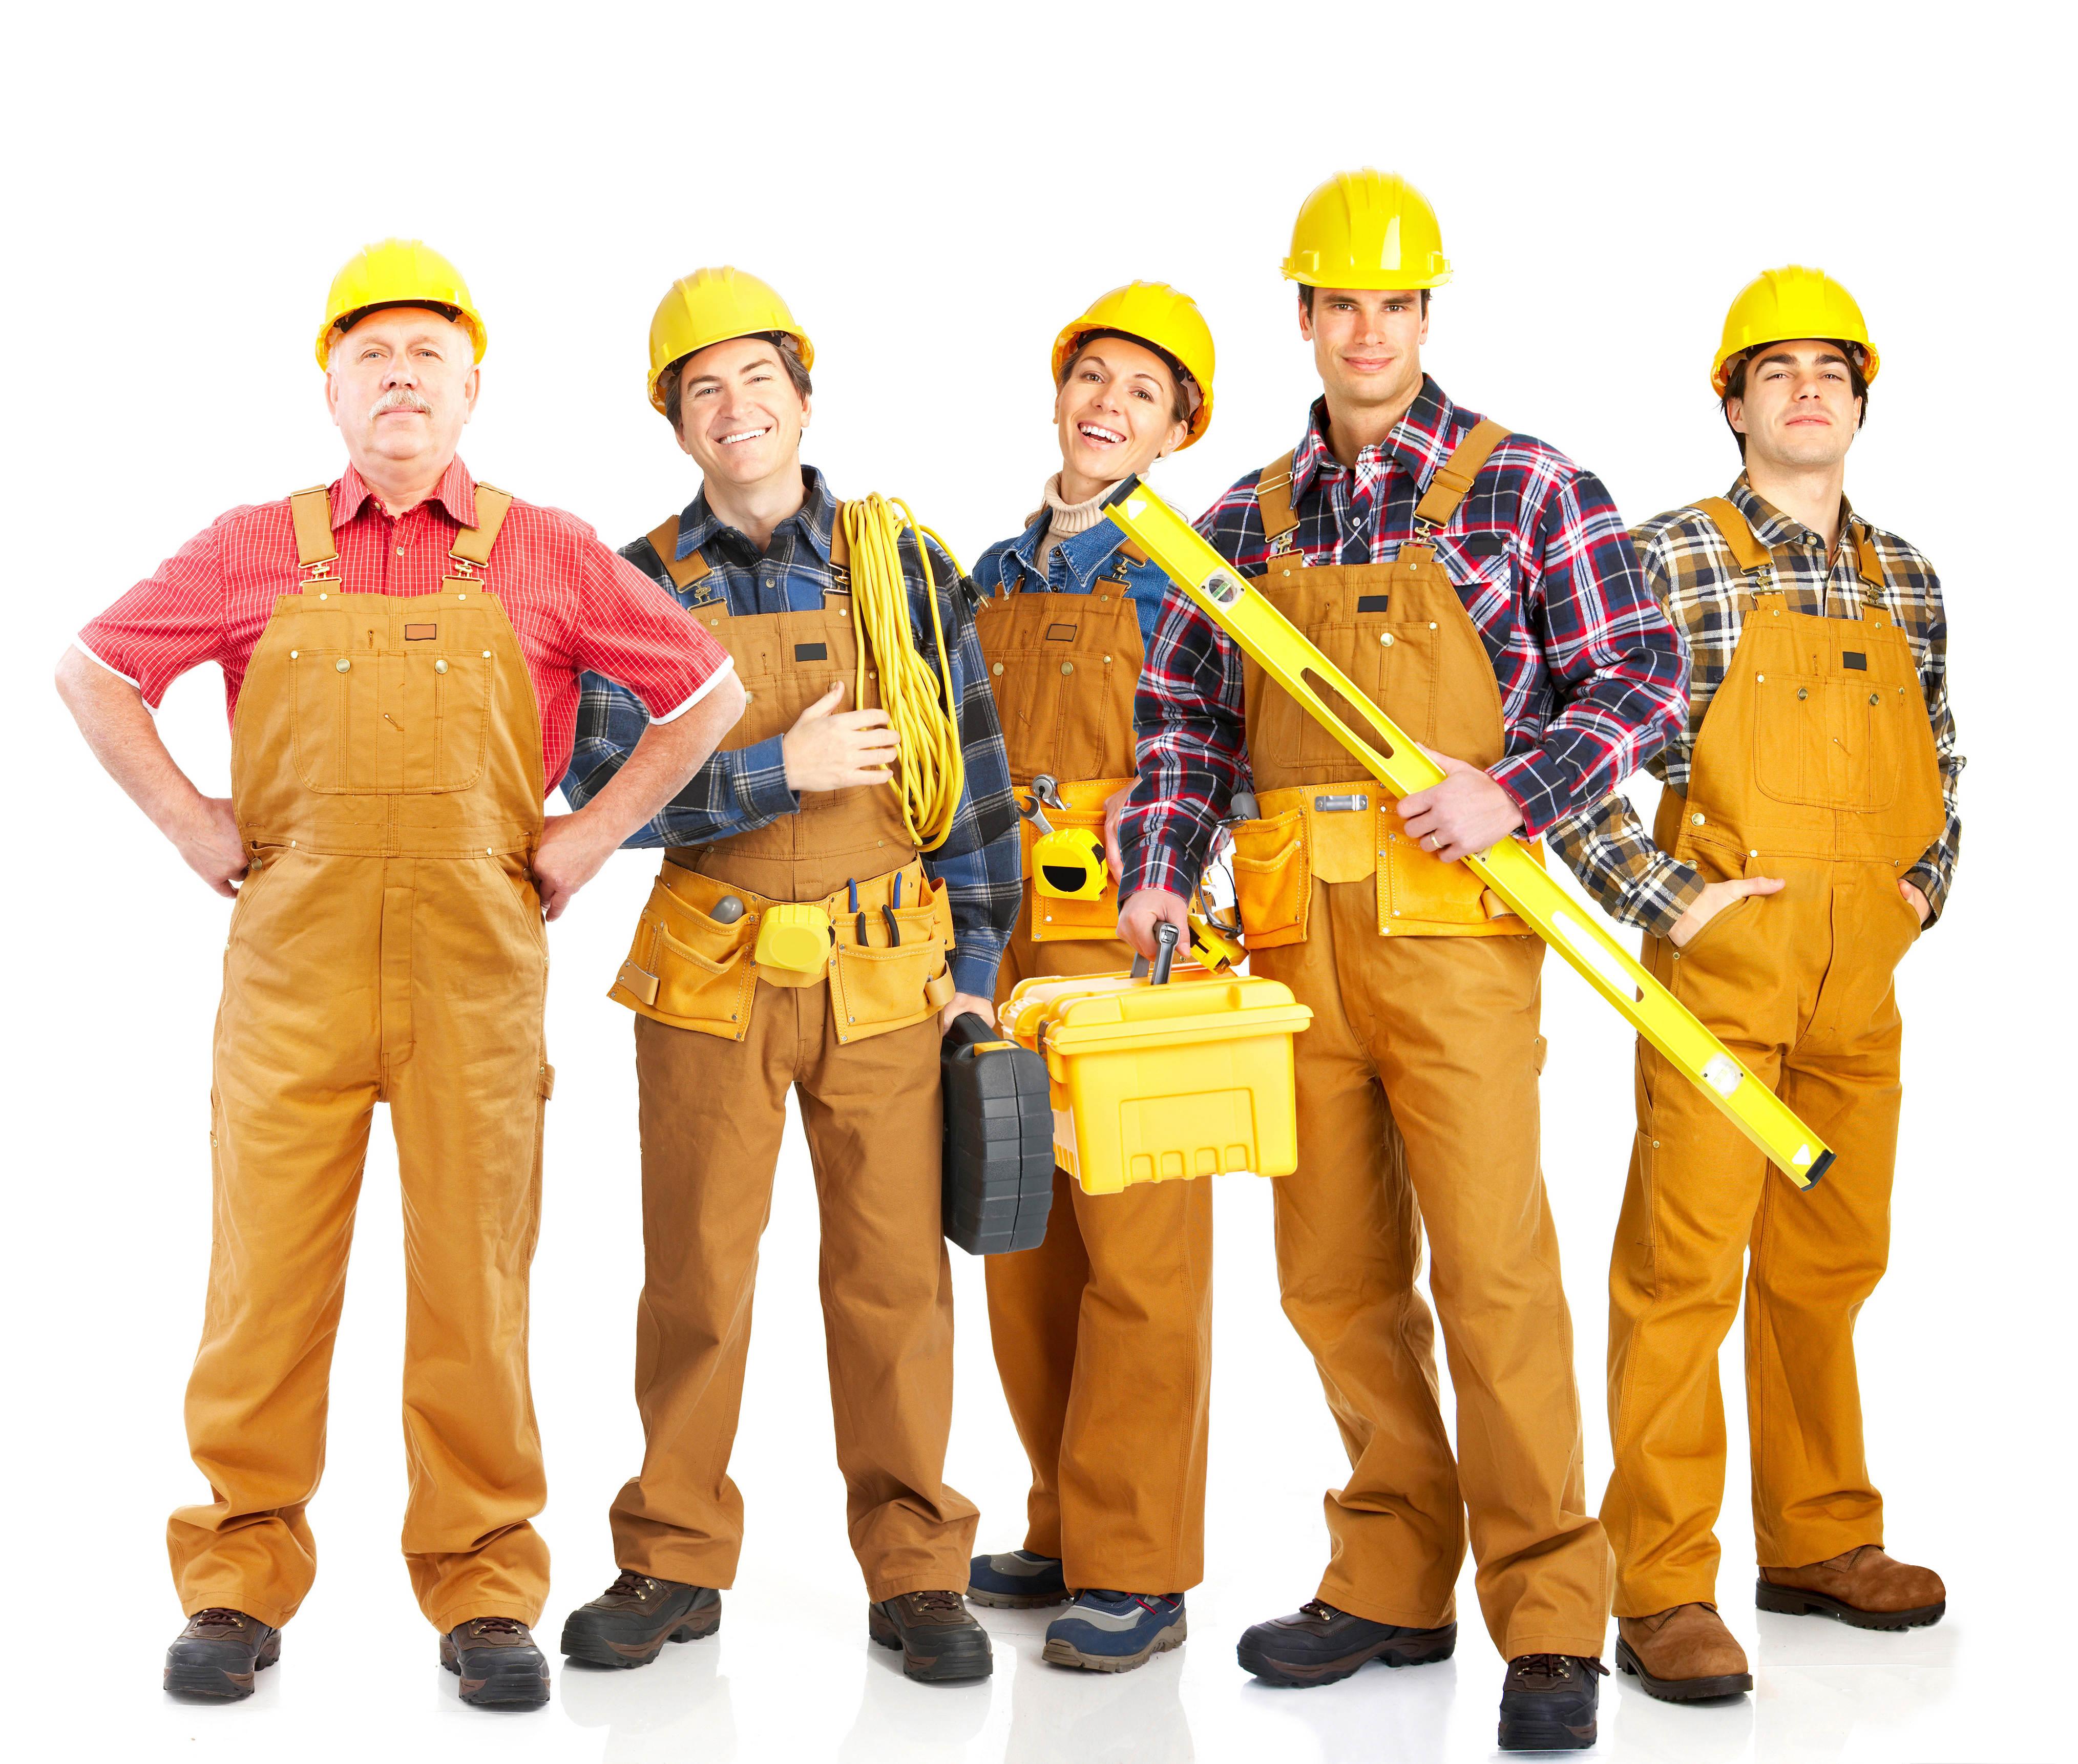 группа строителей, фото, скачать обои для рабочего стола